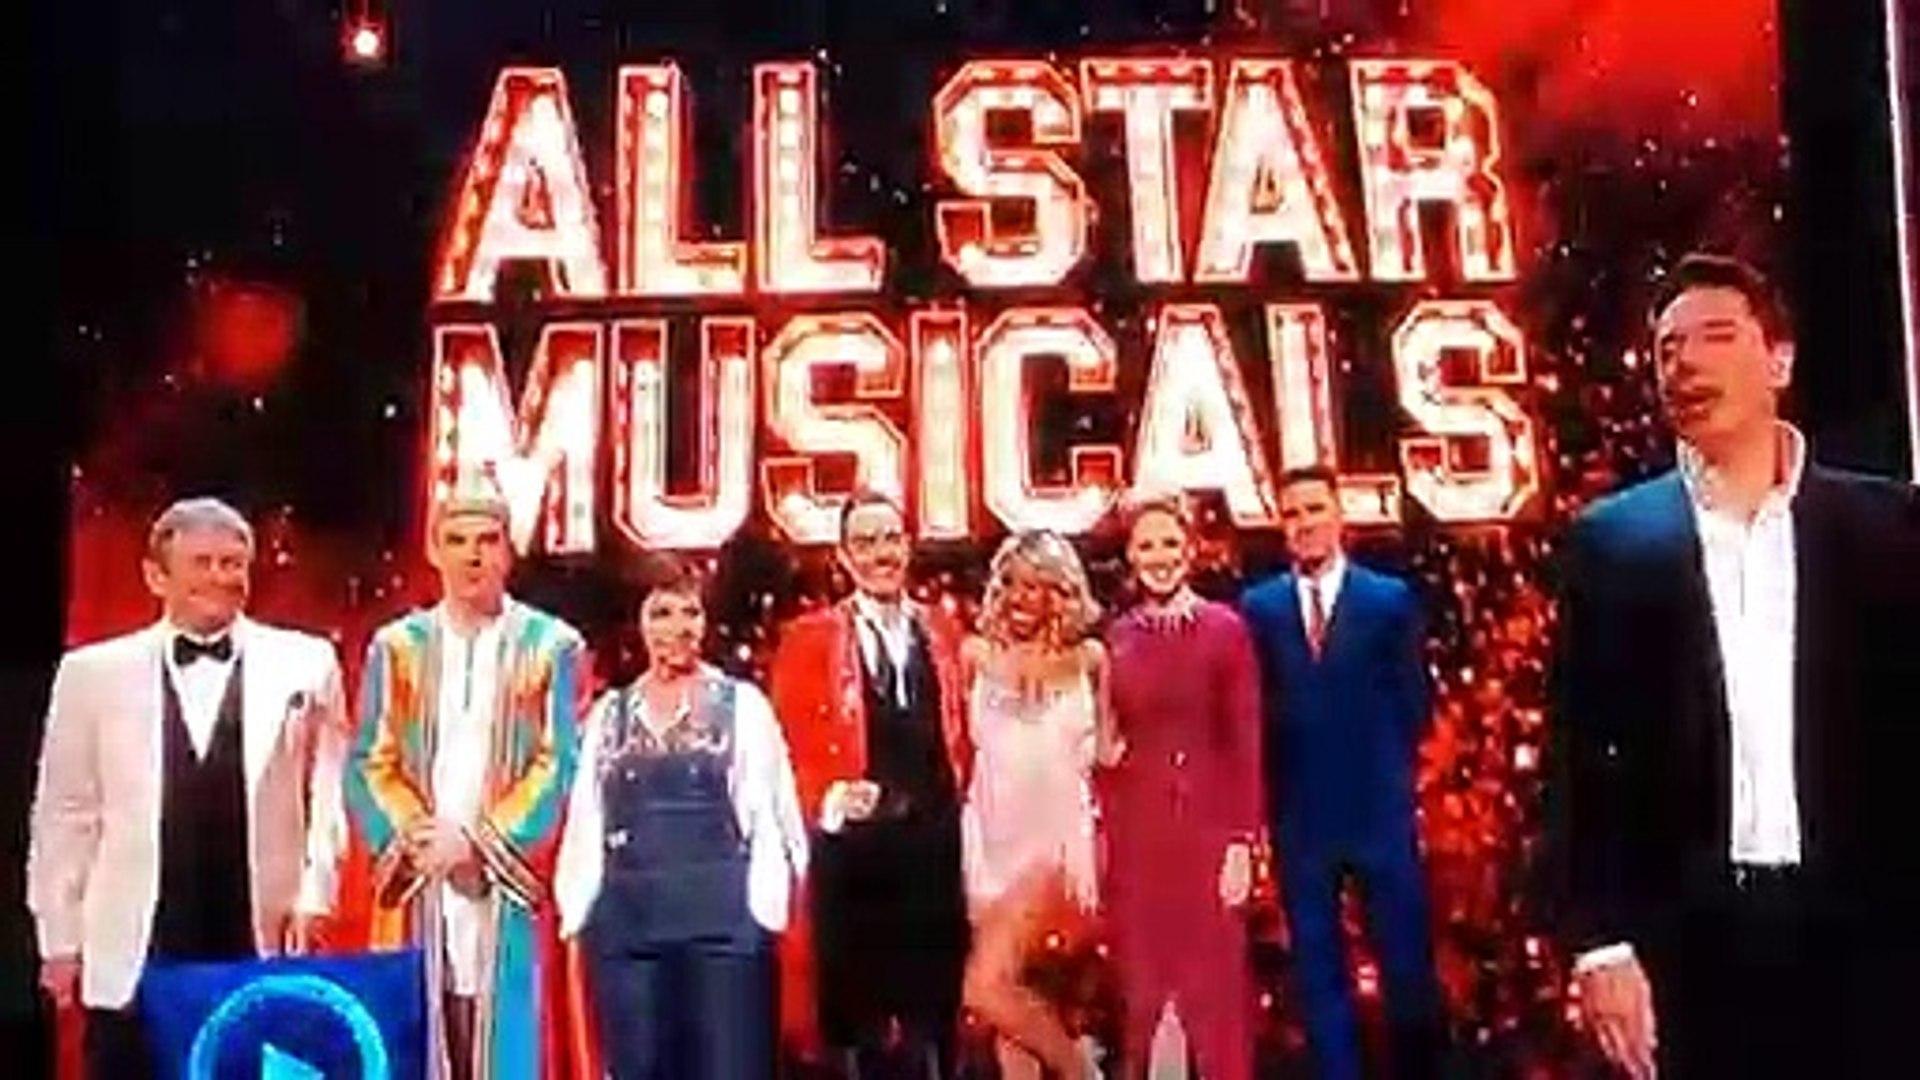 All star musicals season 2 2019